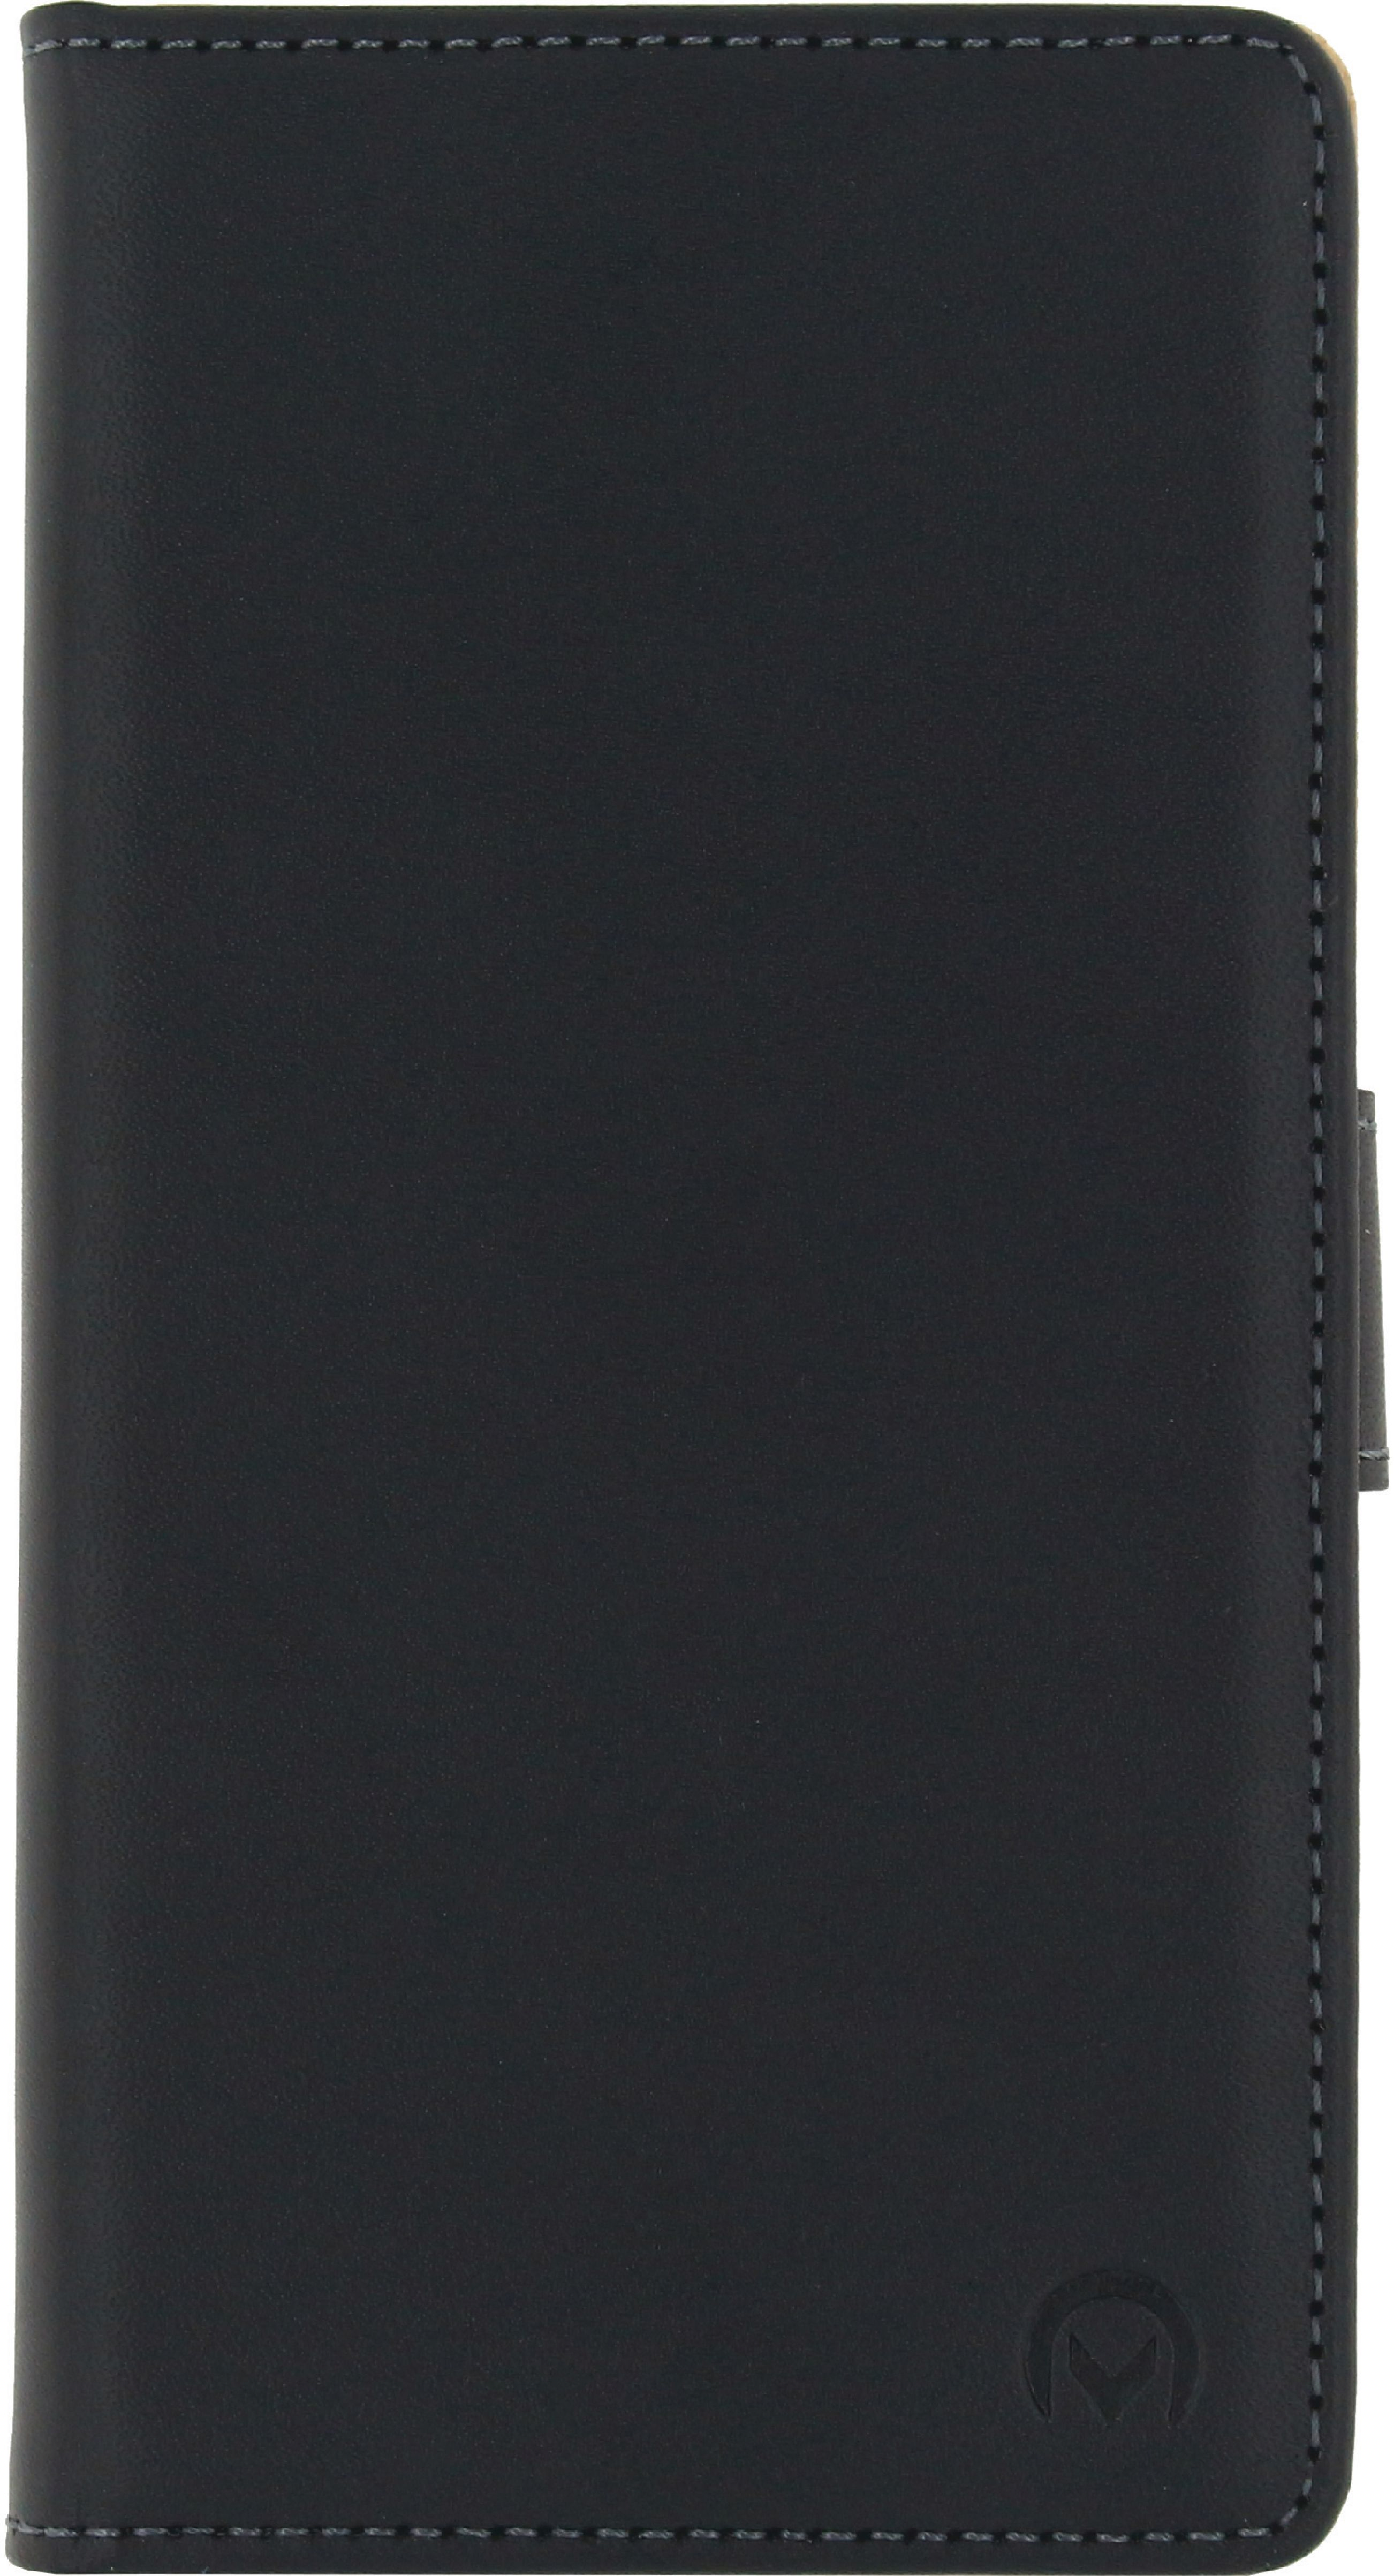 Image of   Telefon Klassisk Lommebogsetui Apple iPhone 7 Plus Sort